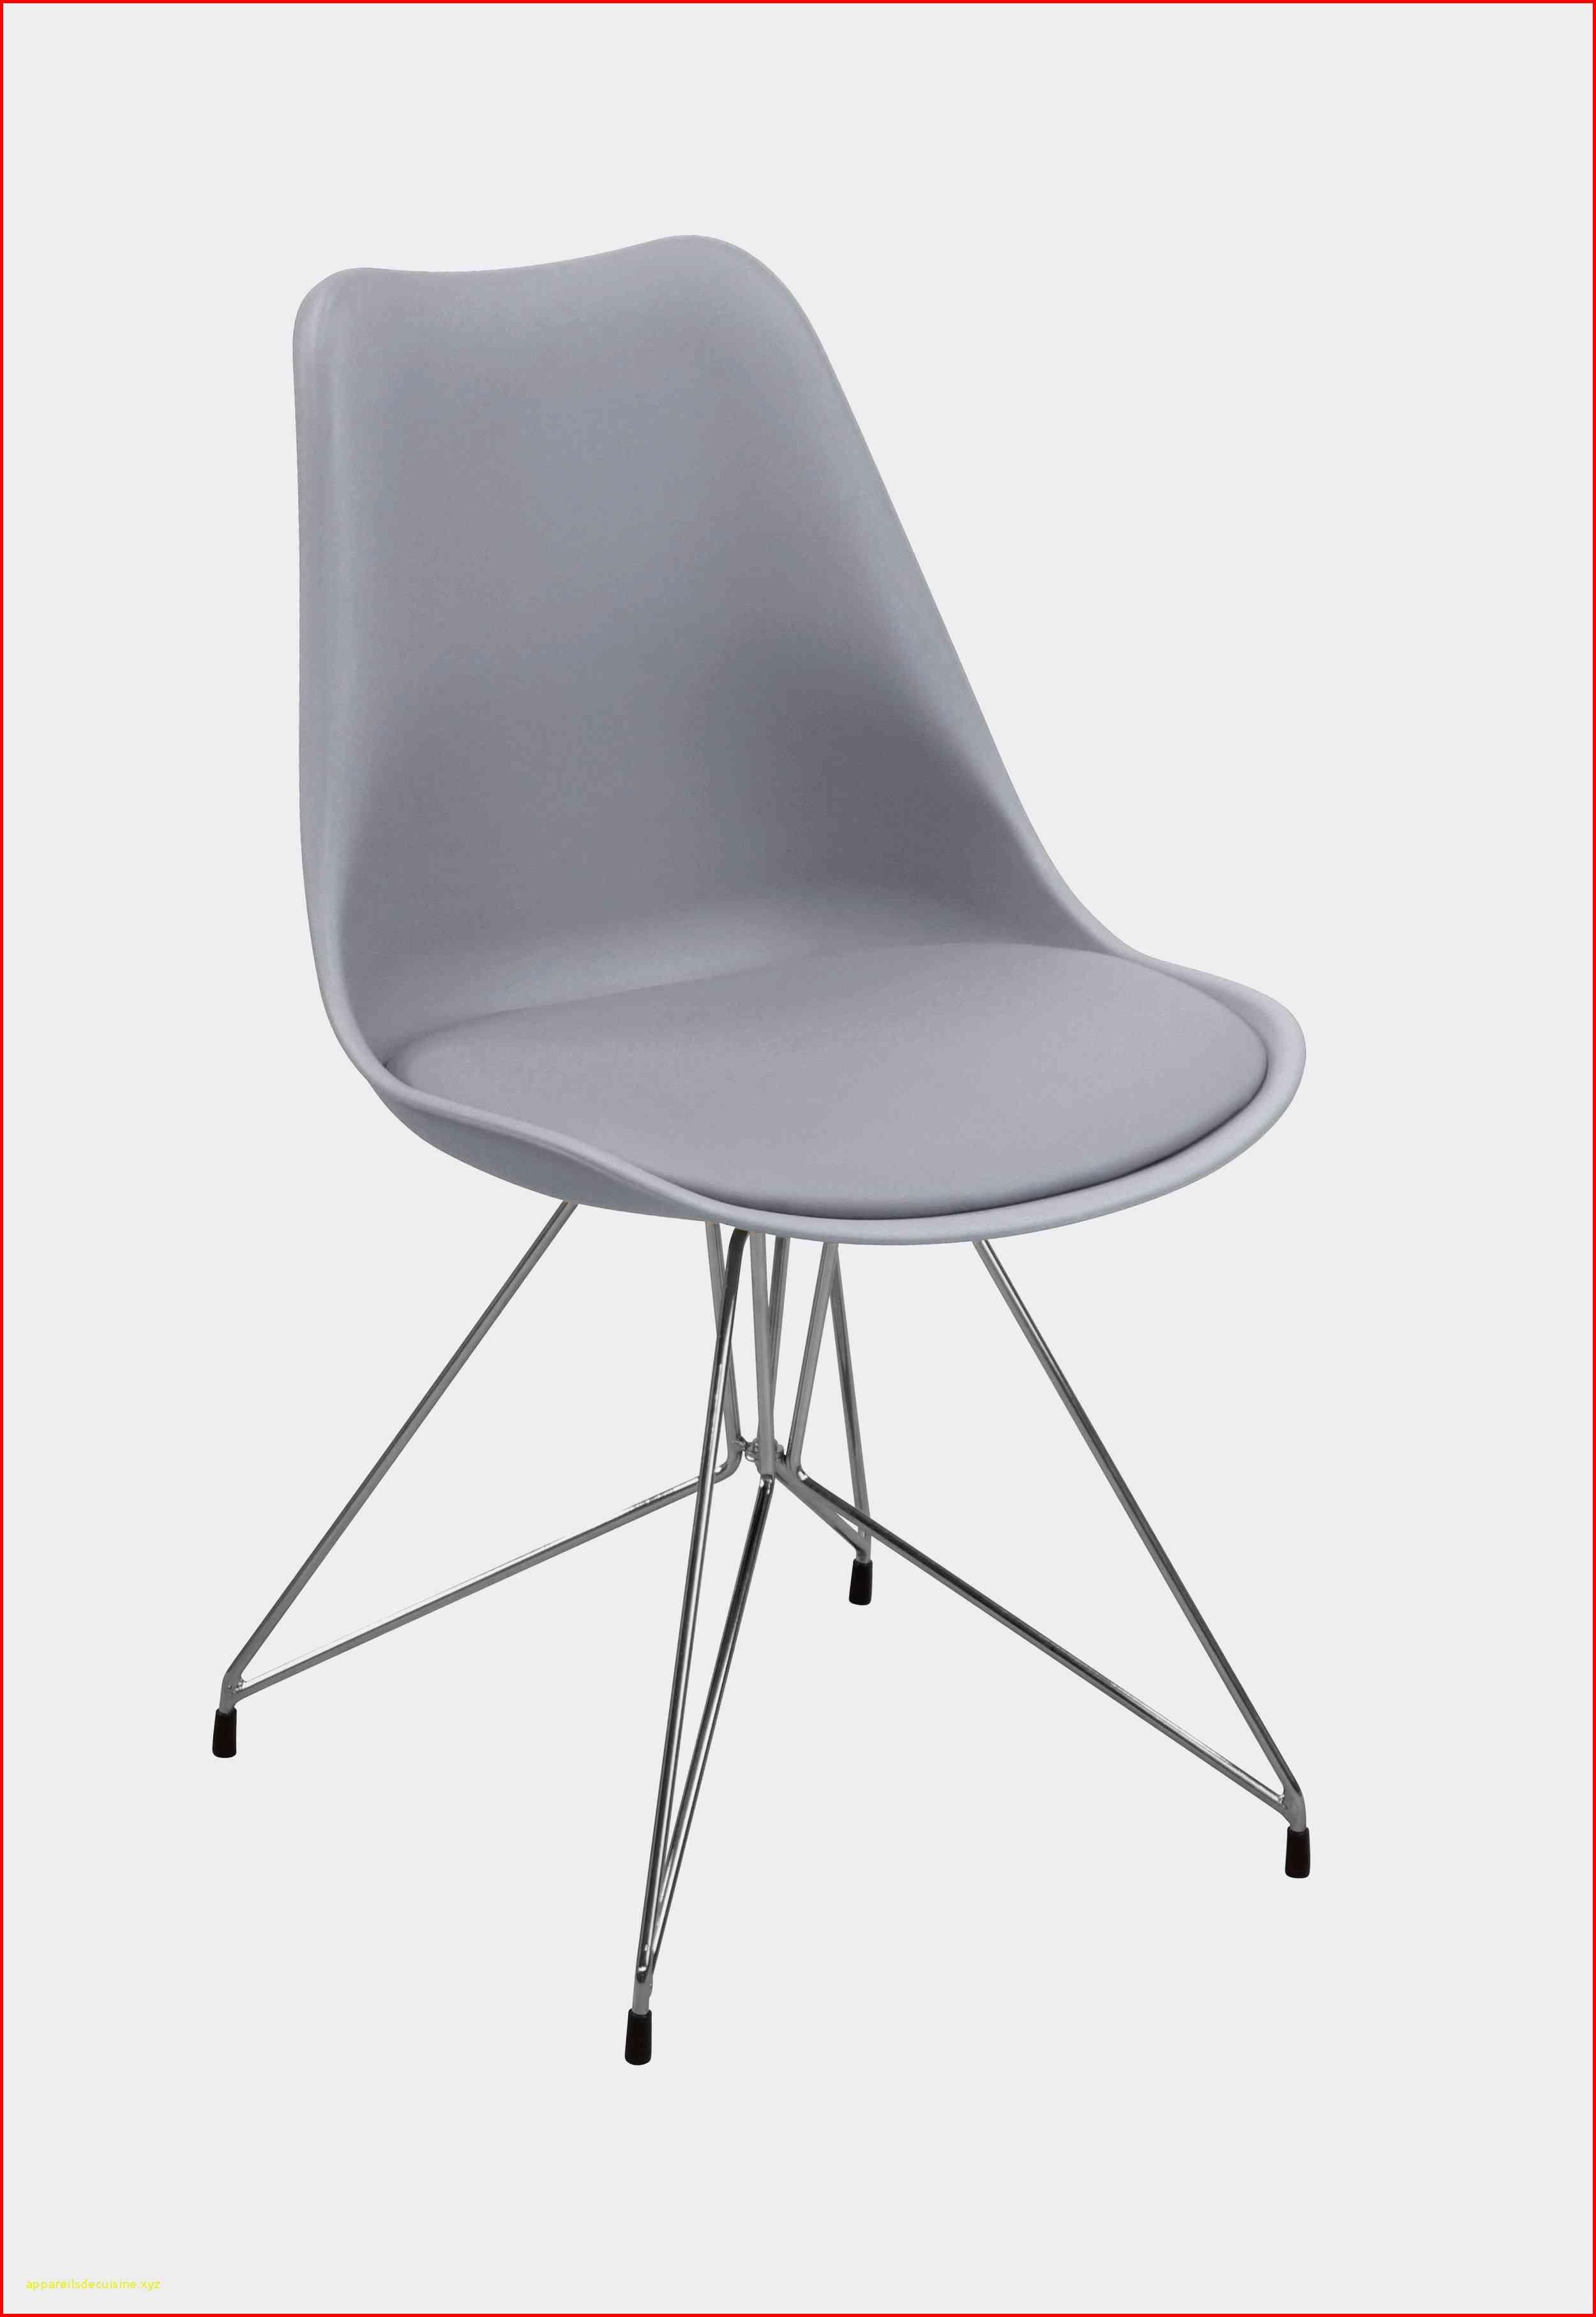 30 Impressionnant Chaise Lynette Recommandations Chaise Lynette Mobilier De Salon Meuble Design Cuisine Bois